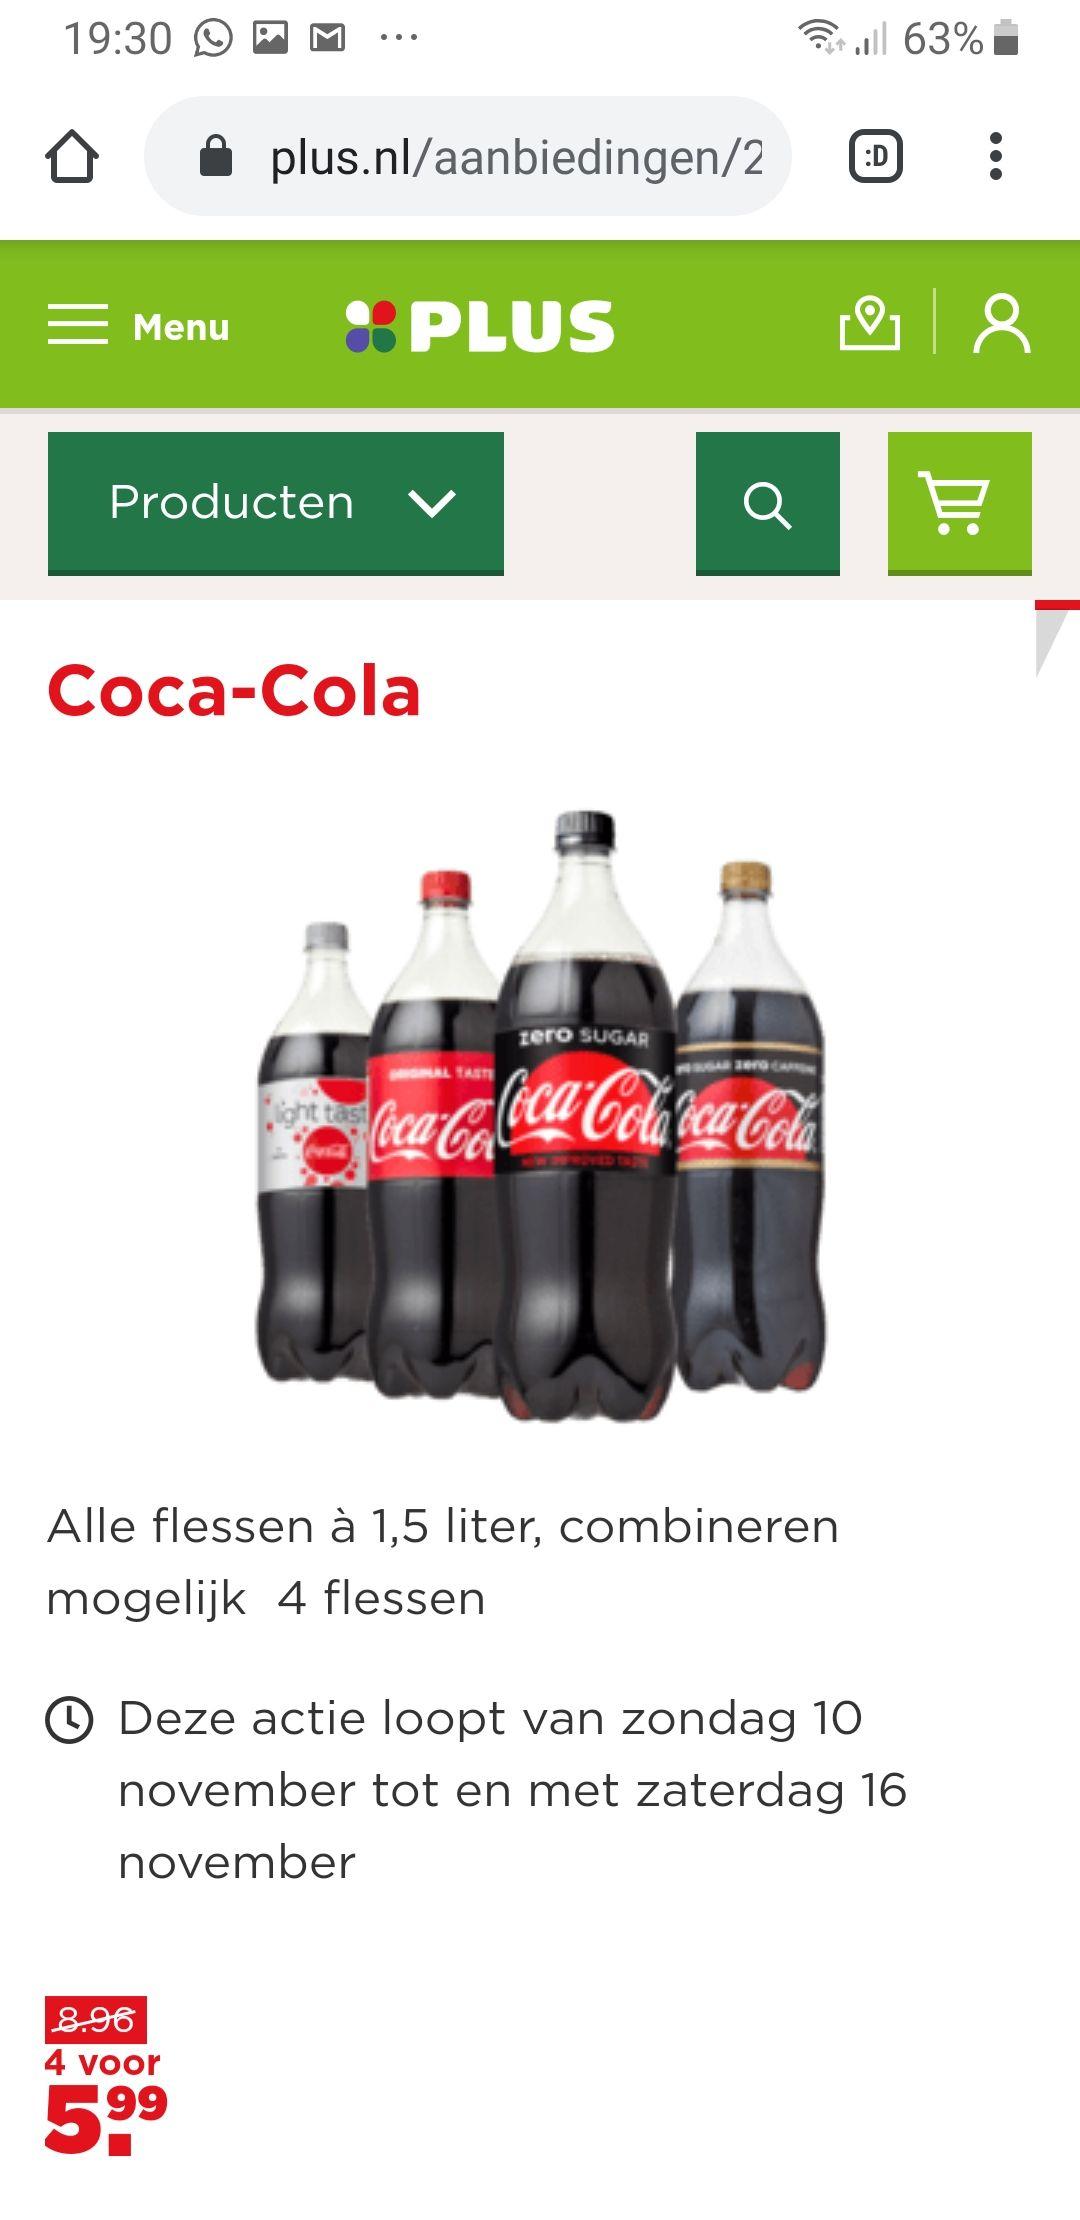 Coca-Cola 6 liter voor €5,99 ipv €8,96